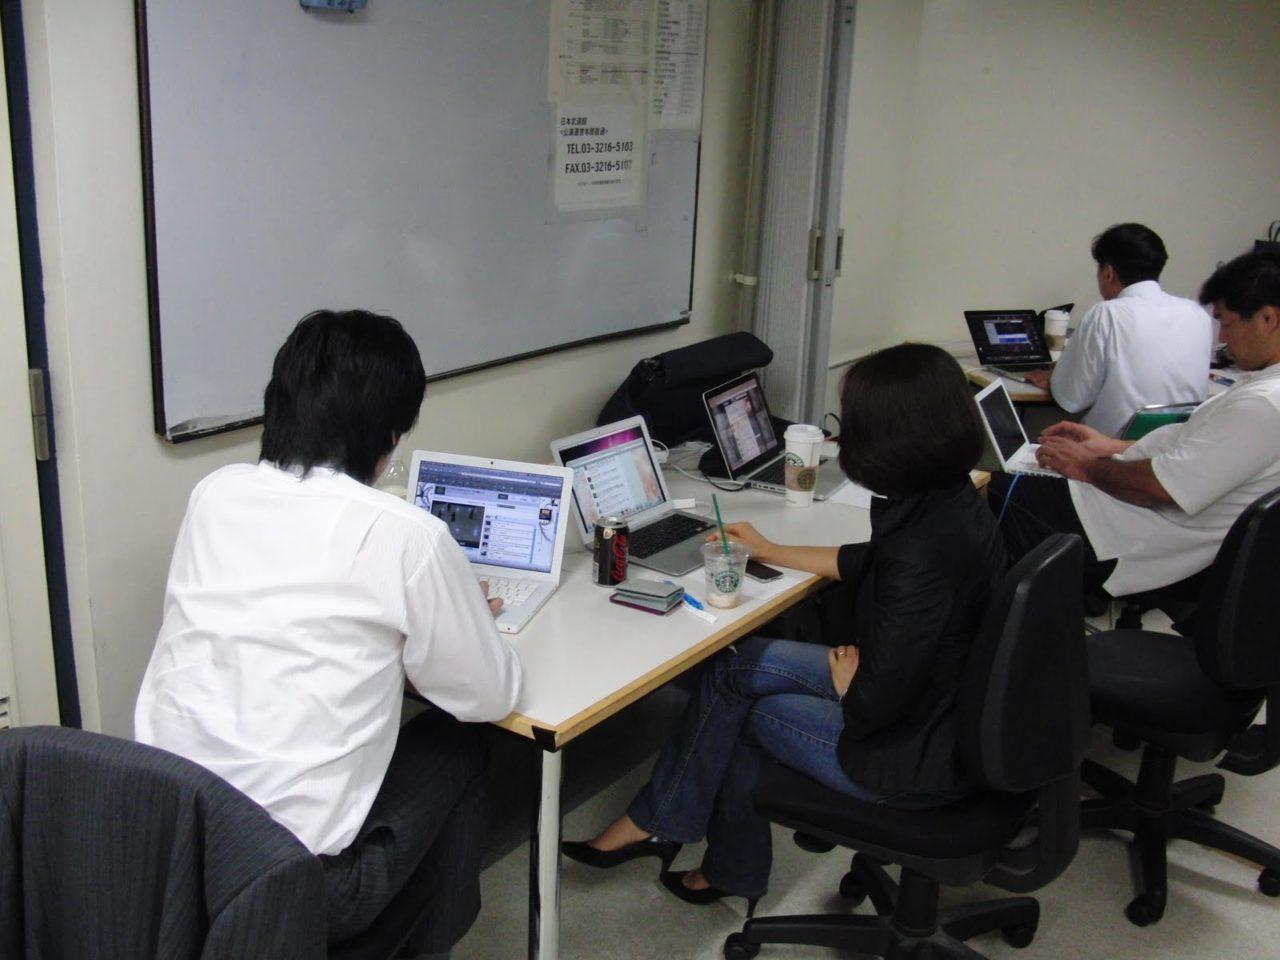 2010/7/17 剣道大会映像配信のお仕事をして